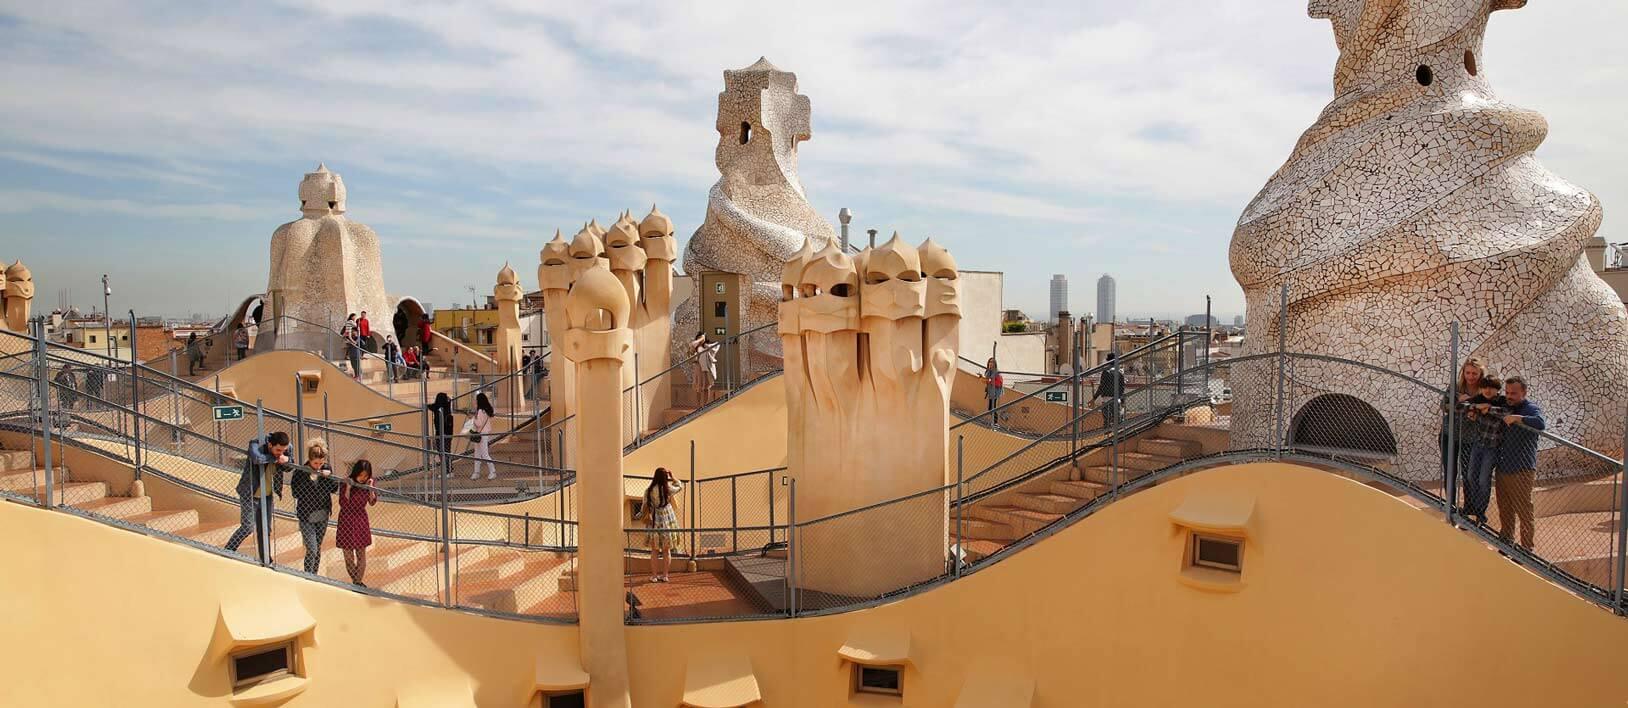 Recorrido por las obras de Gaud en Barcelona  Travel Report